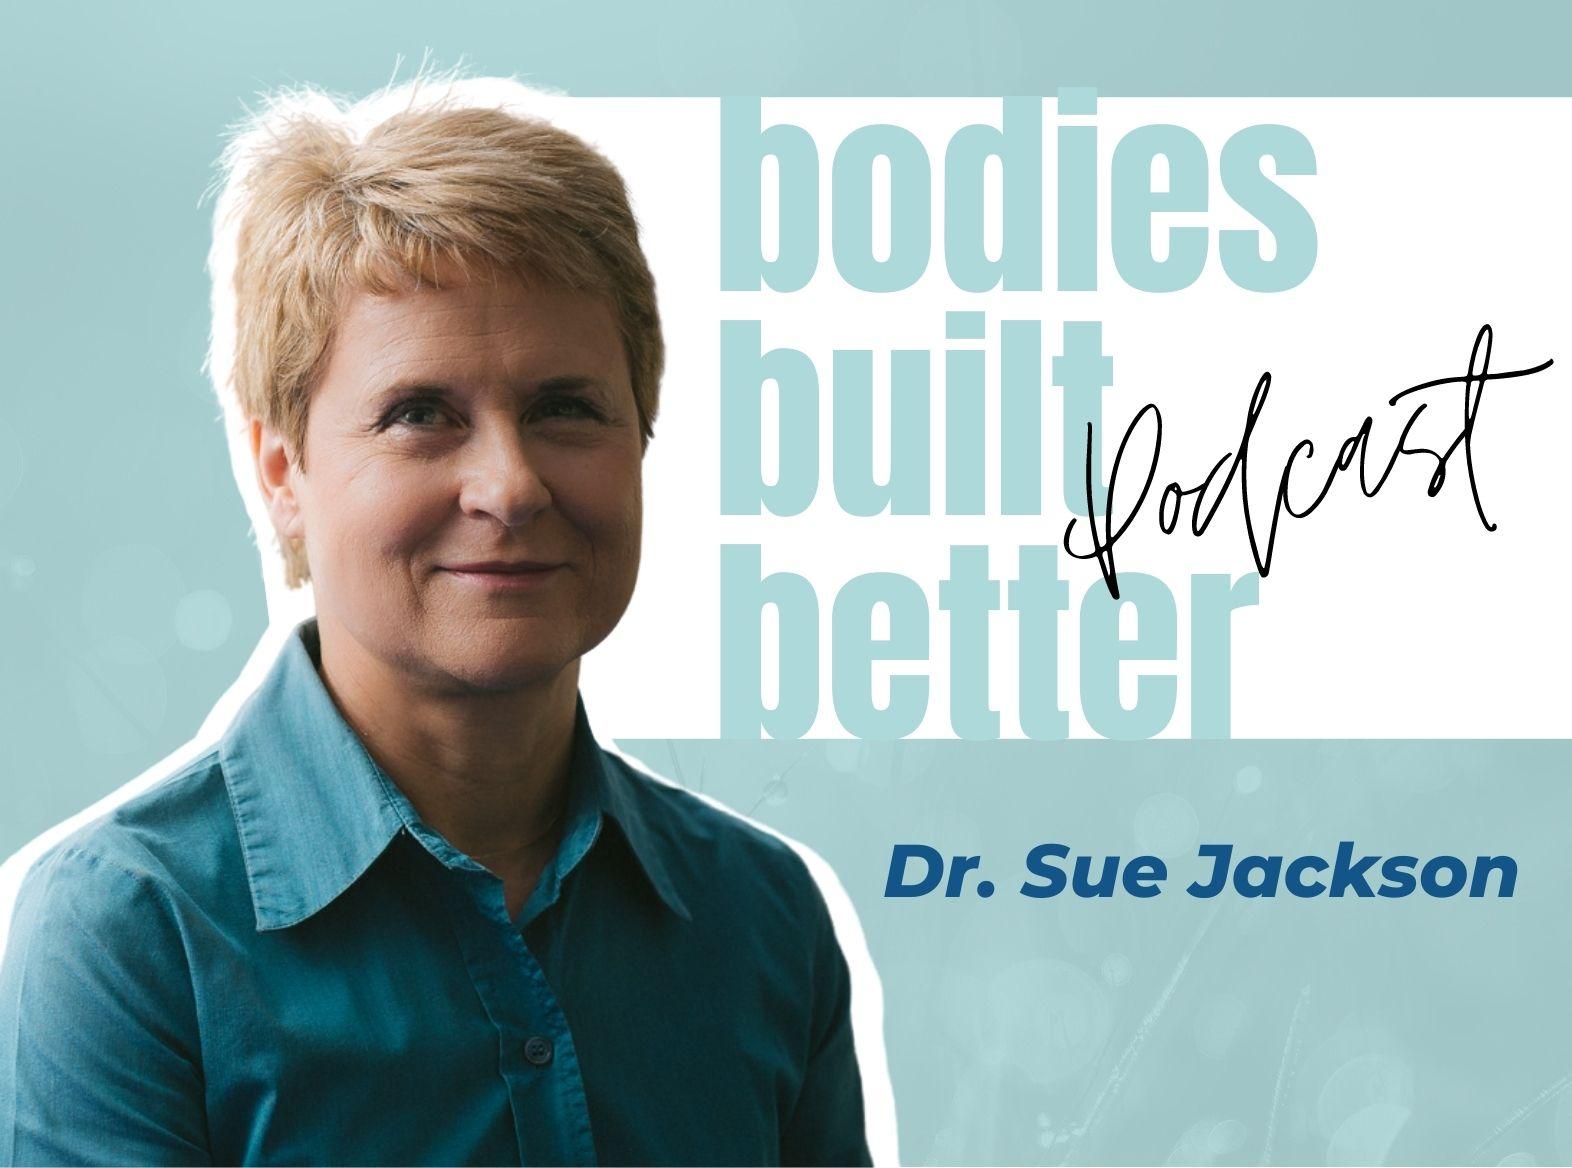 DR SUE JACKSON